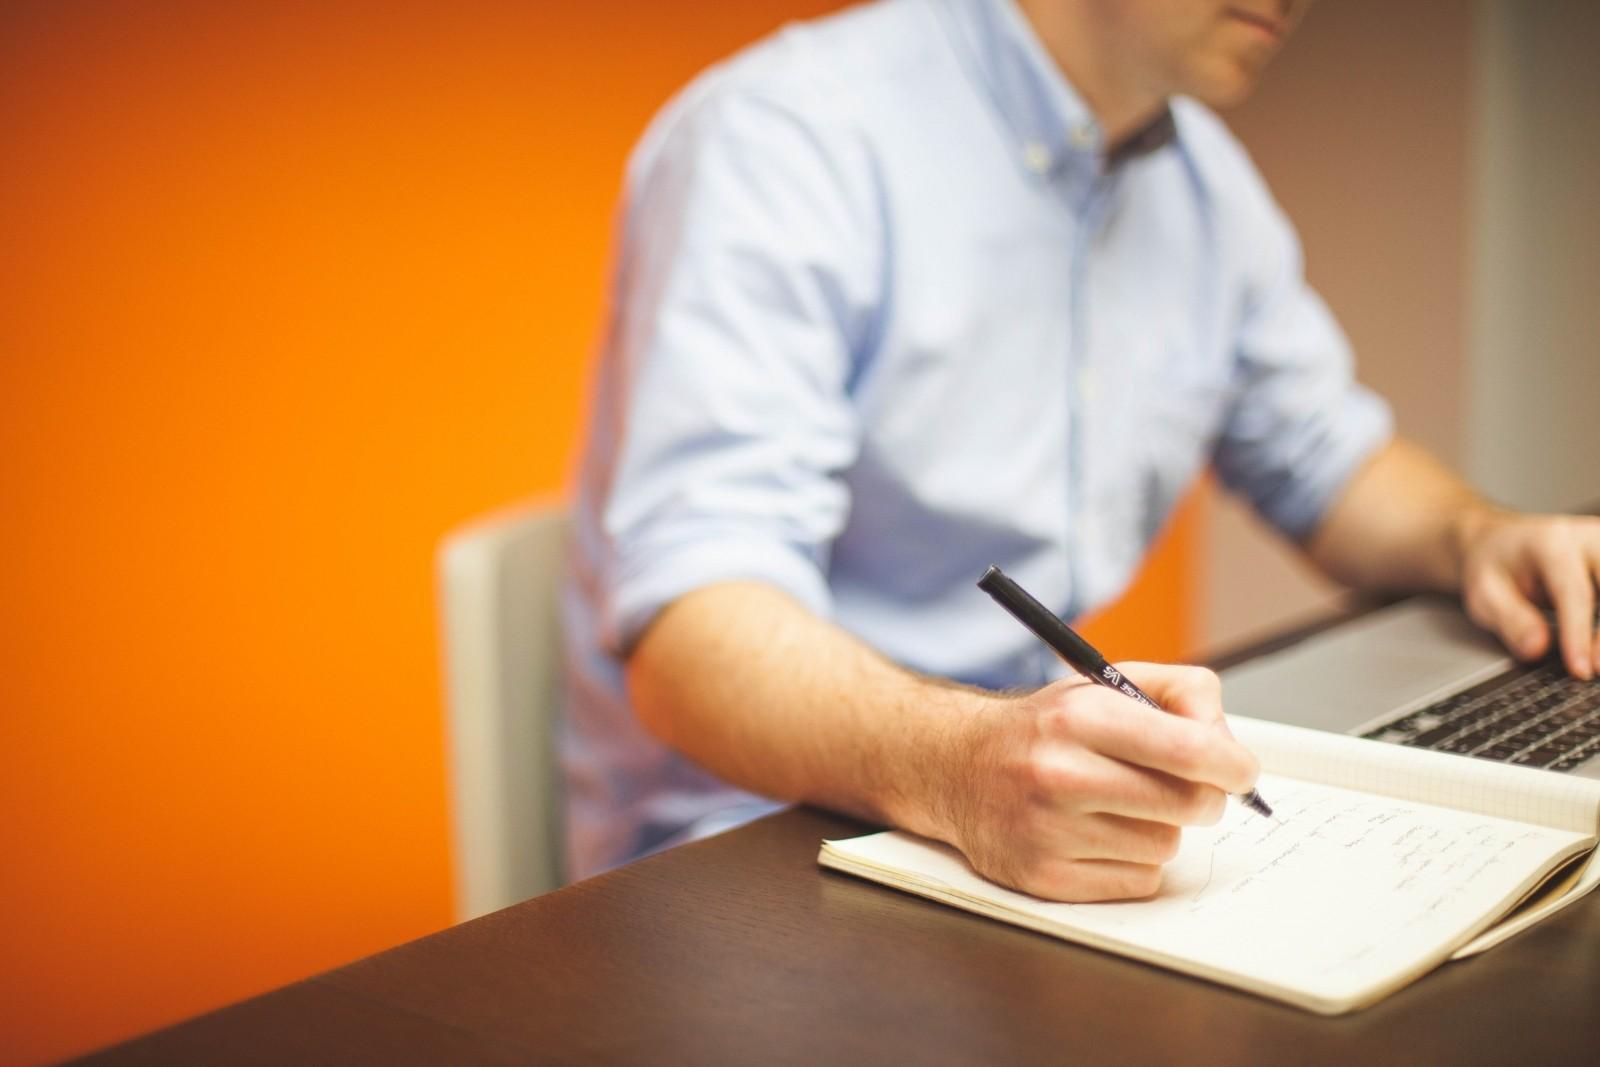 Gartner Vendor Briefing Hostek - On VPS Hosting Services